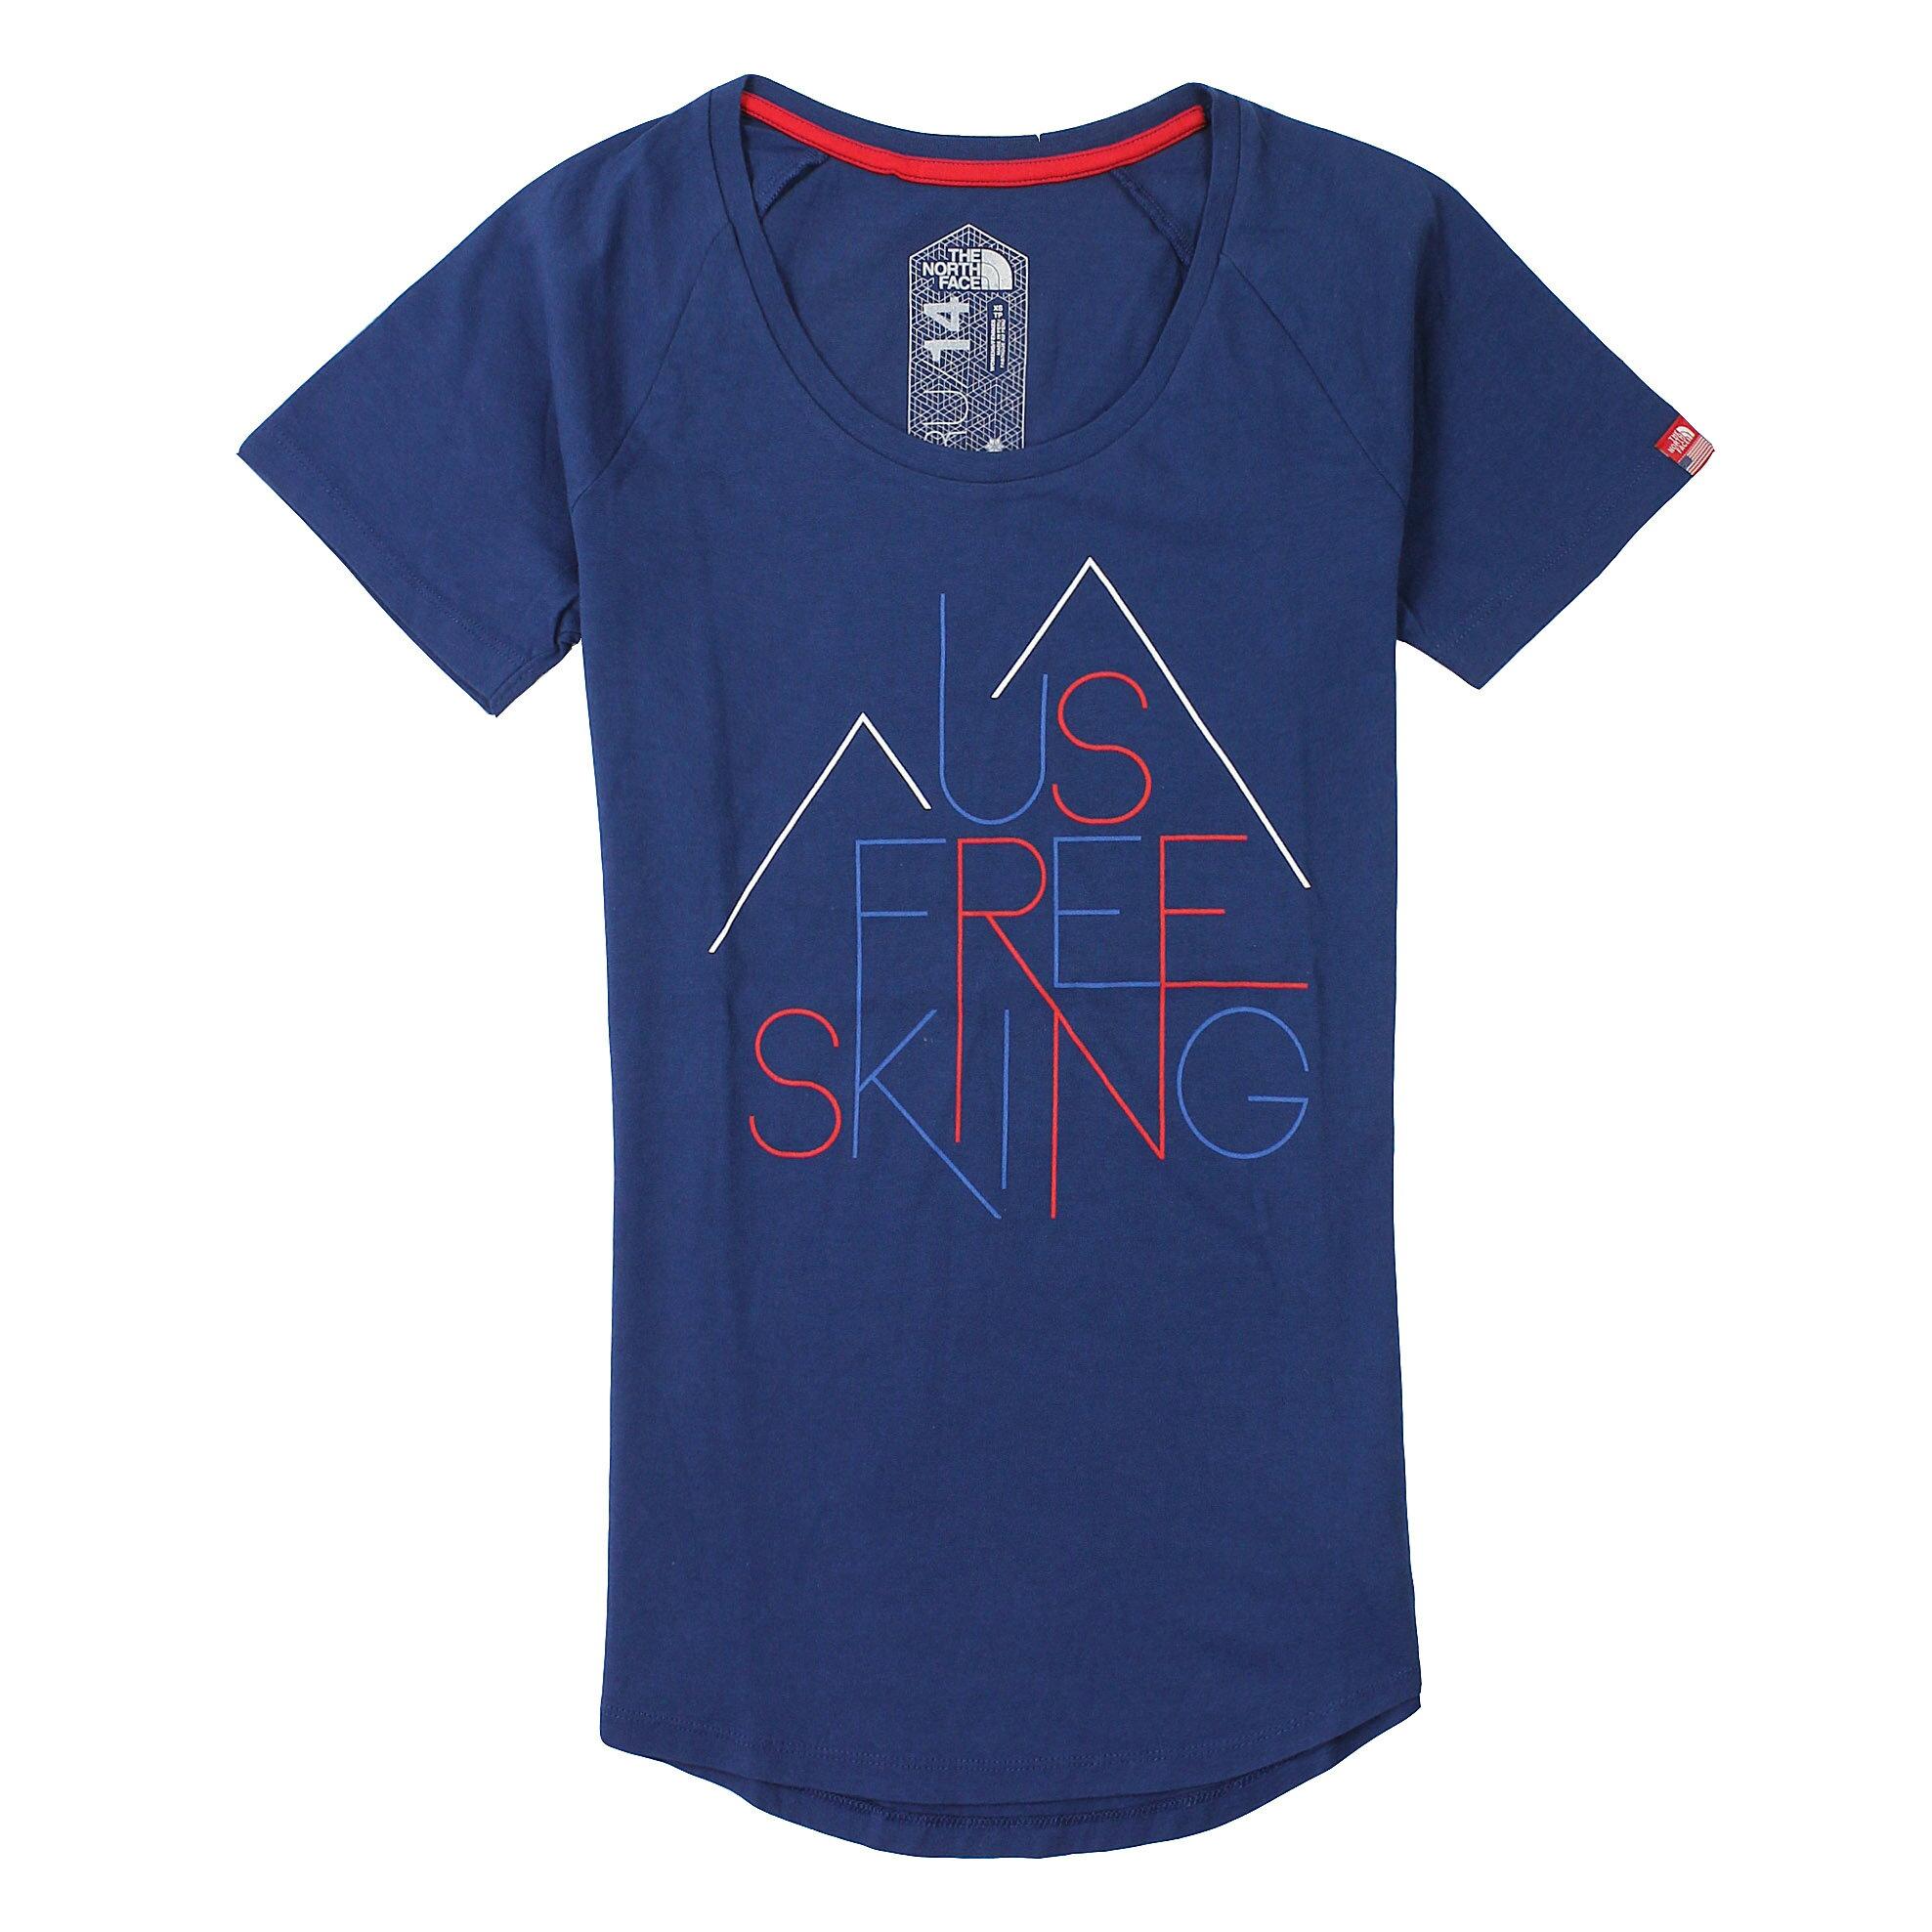 美國百分百【全新真品】The North Face T恤 短袖 上衣 T-shirt 北臉 深藍 線條 純棉 Logo 女 XS S M號